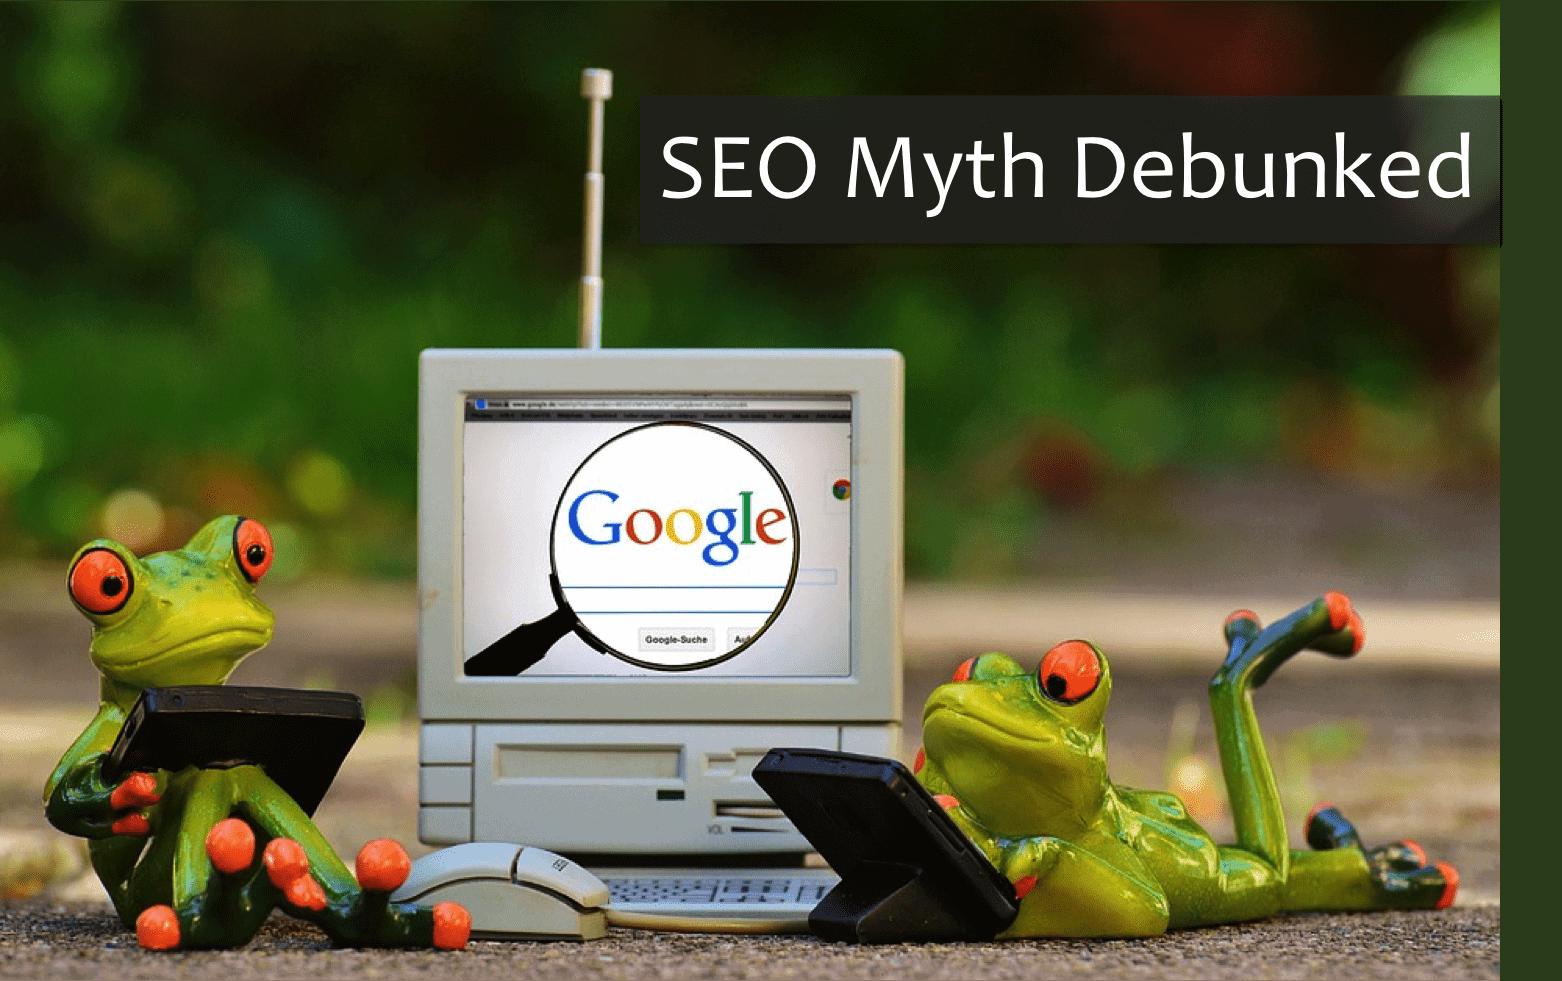 seo-myth-debunked